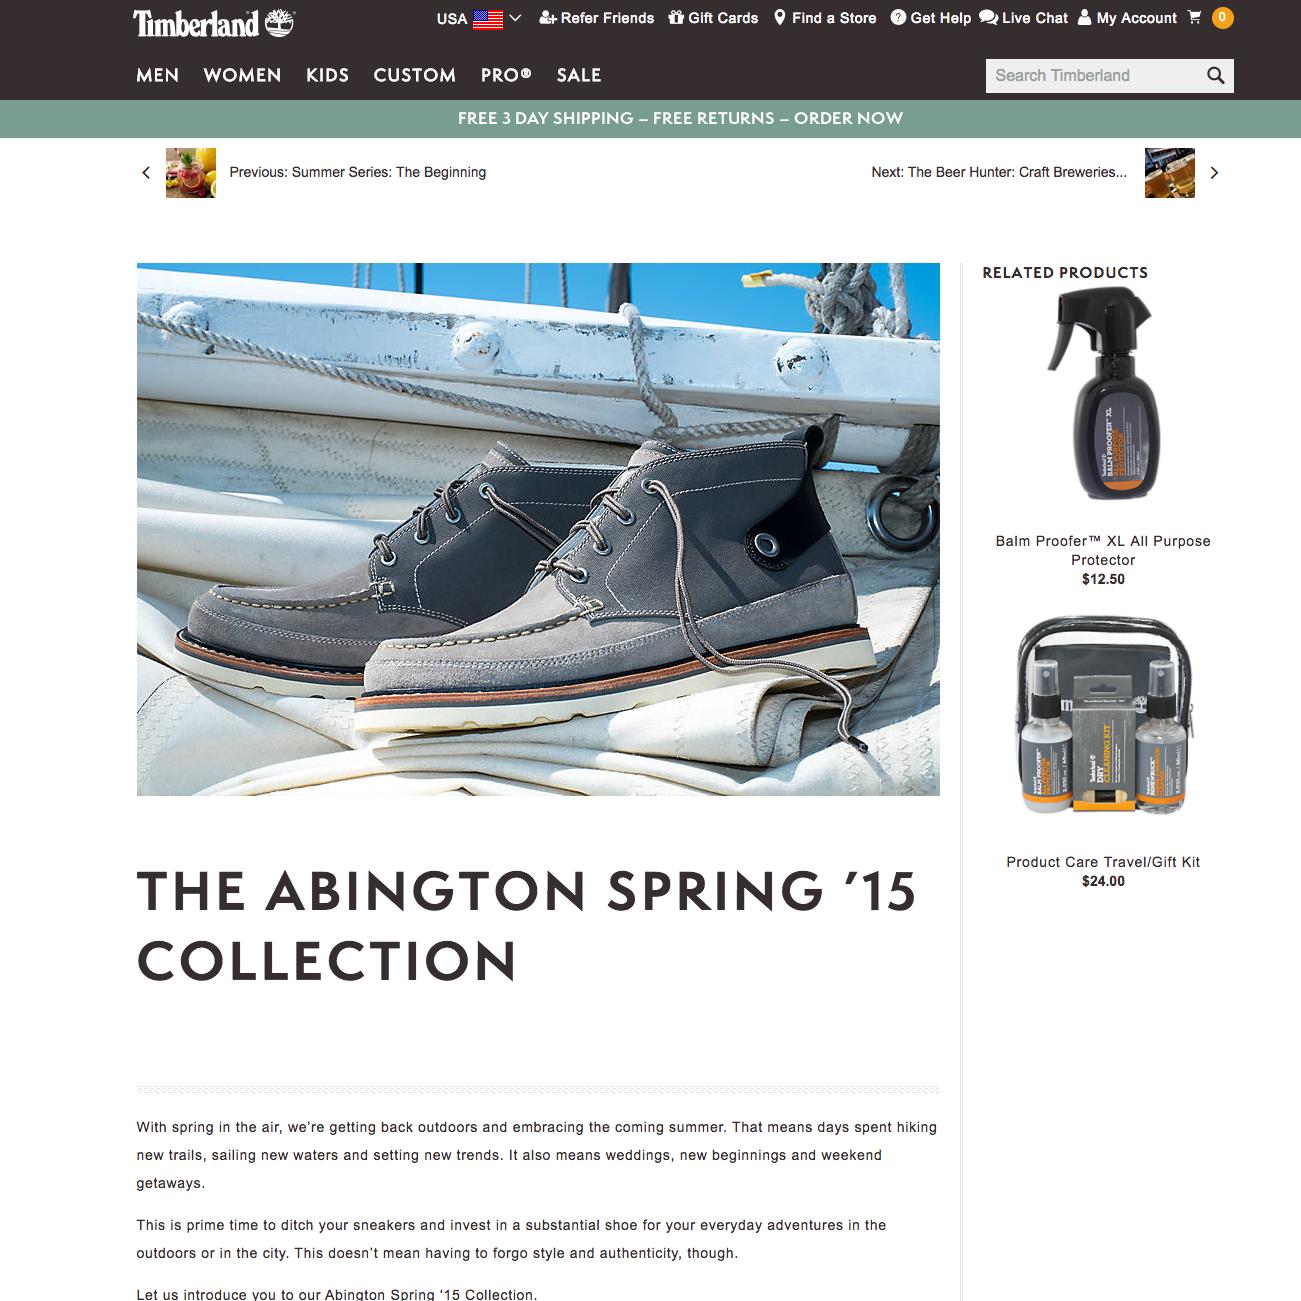 The Abington Spring '15 Collection